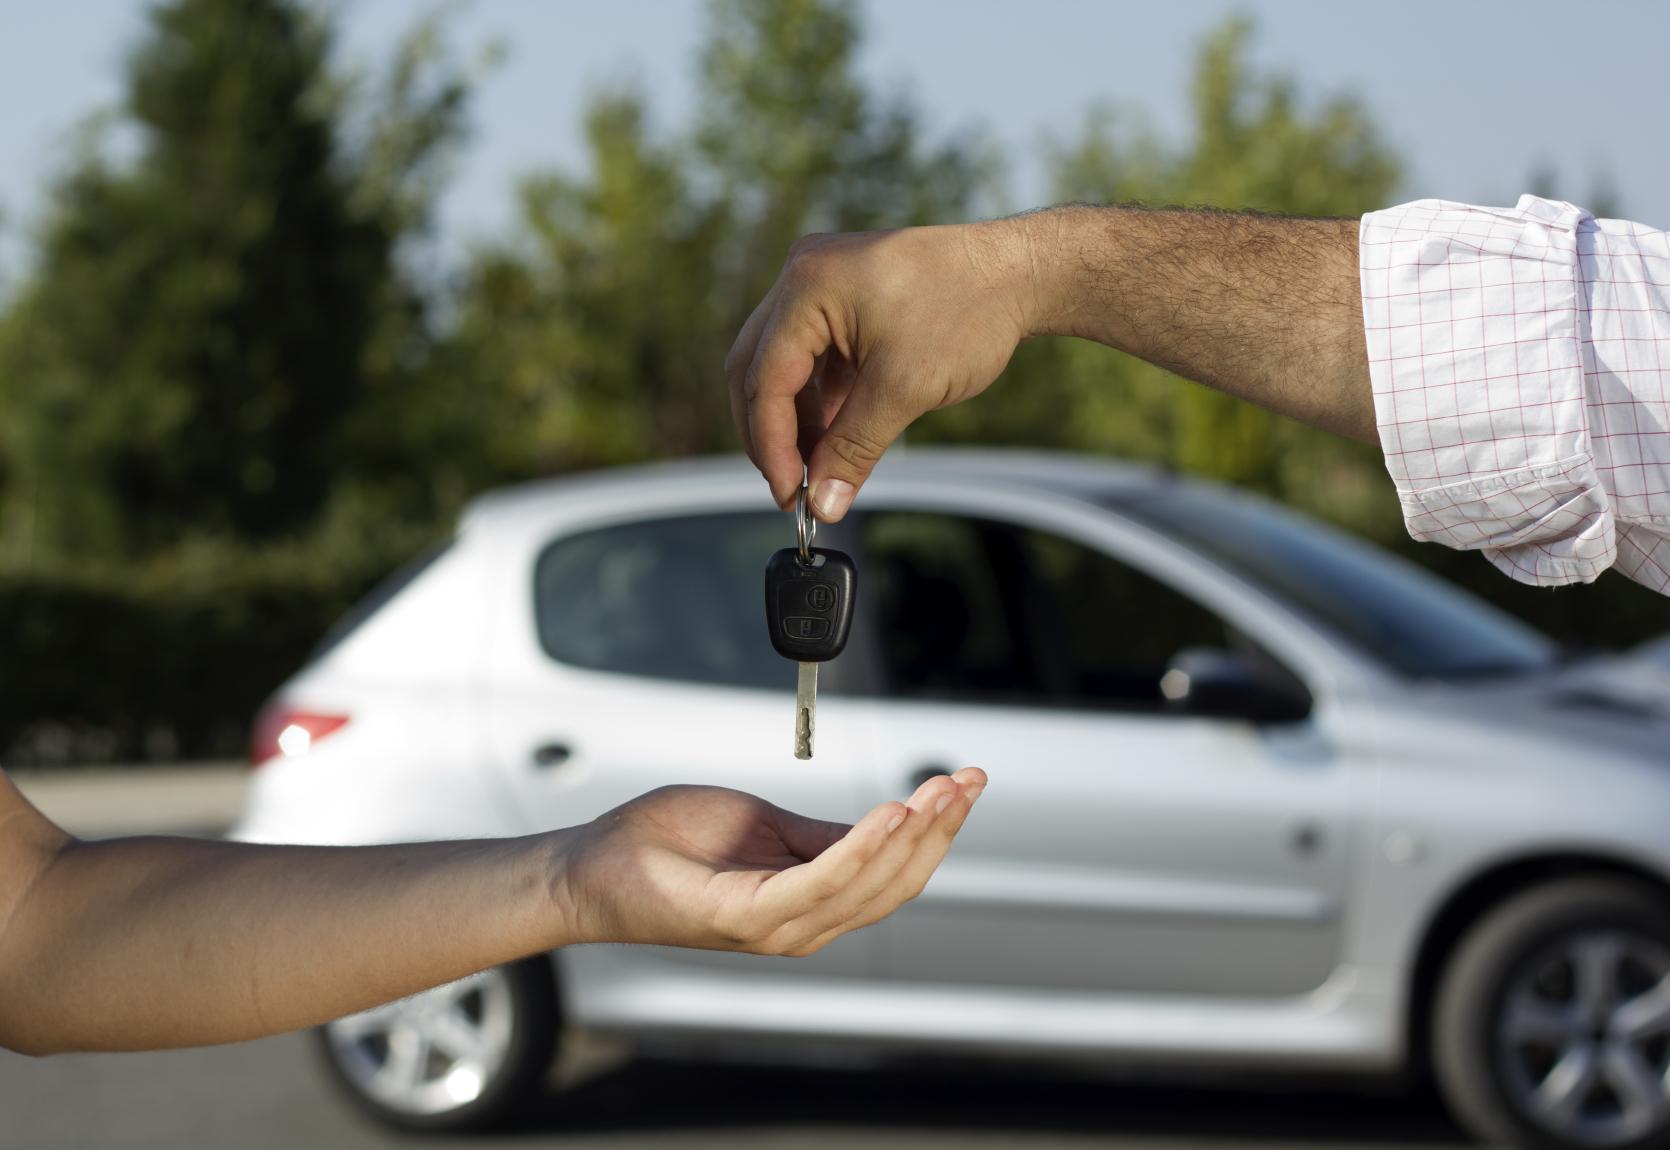 Плюсы и минусы продажи авто по генеральной доверенности